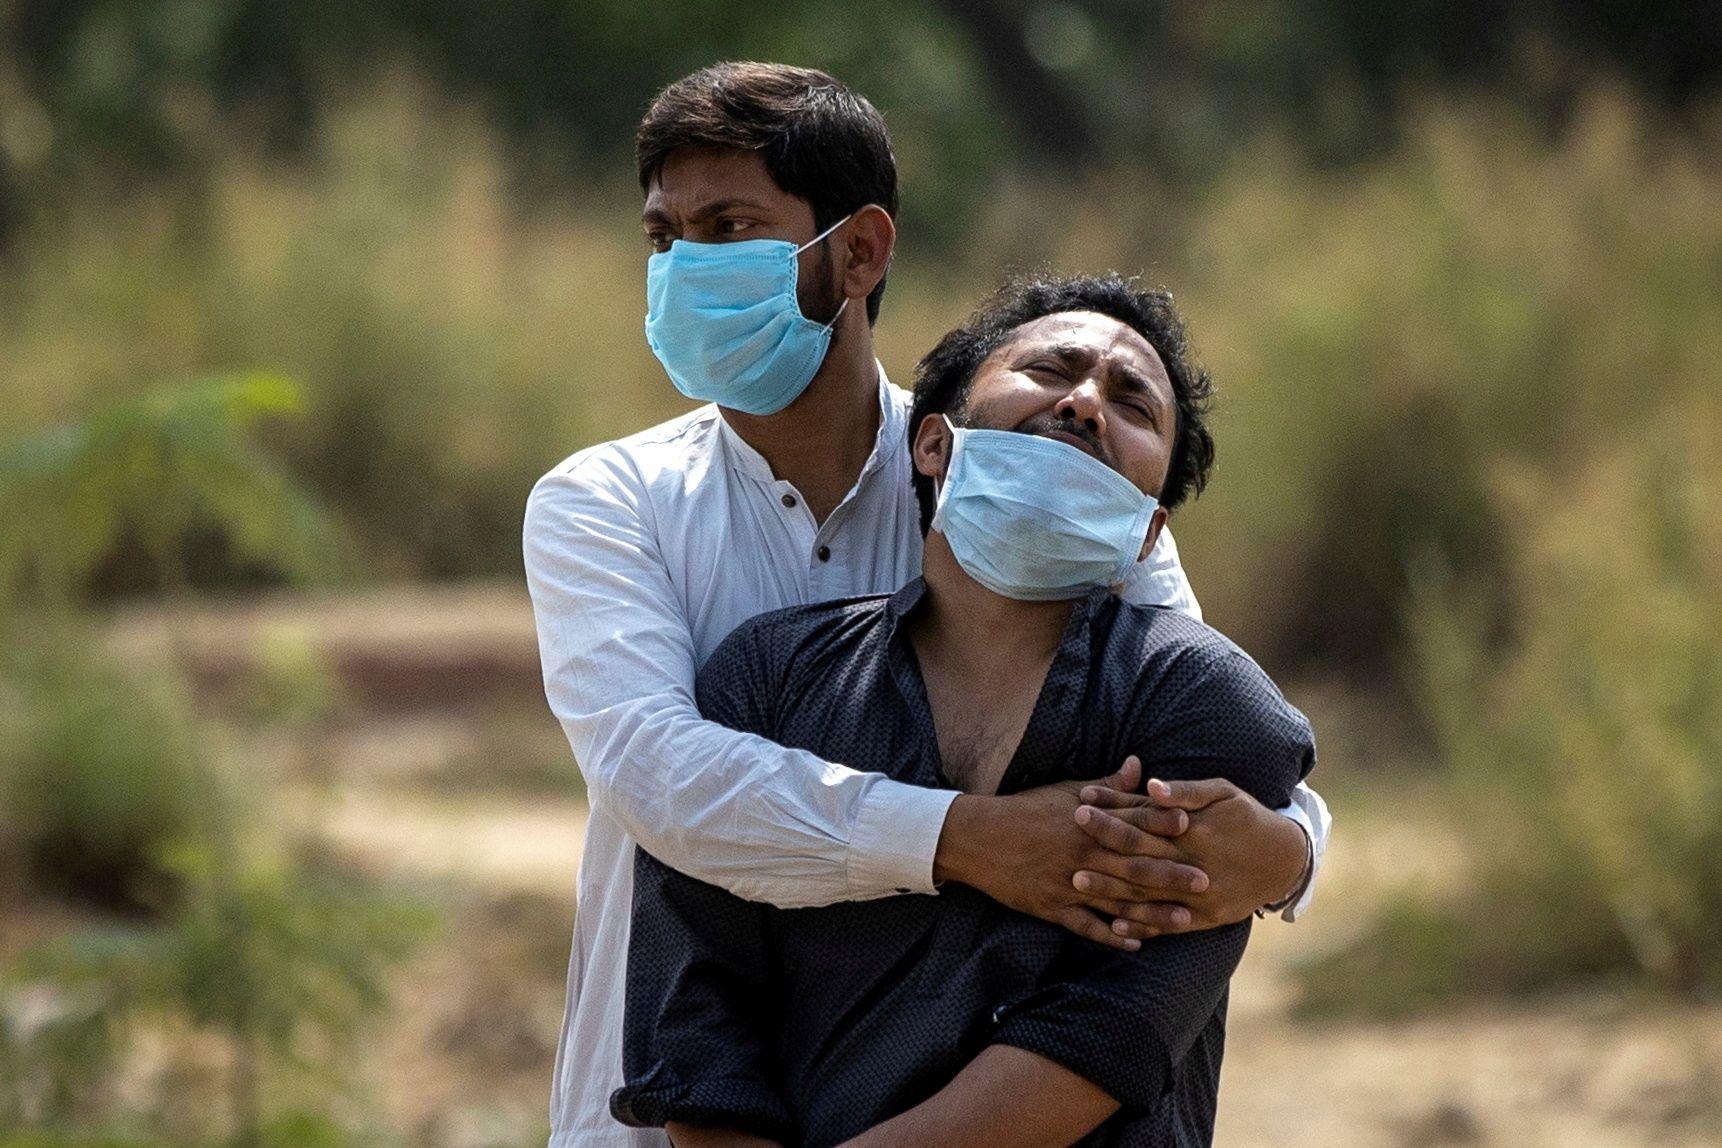 Dos hombre lamentan la pérdida de un ser querido por coronavirus en India, donde la pandemia no da tregua